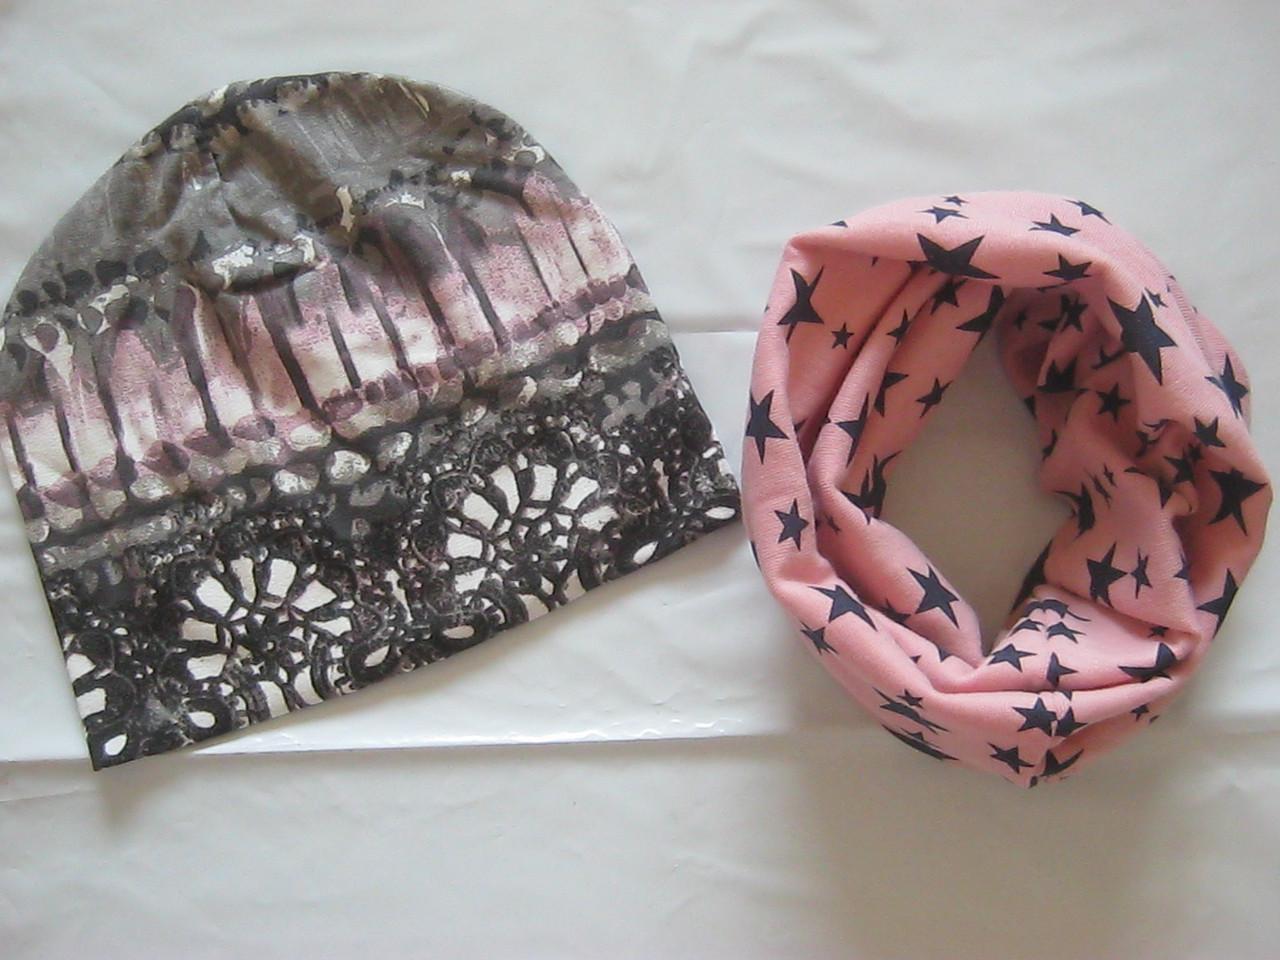 """Наборчик для мальчиков и девочек шапка+хомут - Магазин товаров для детей """"Кукуся"""" в Запорожье"""